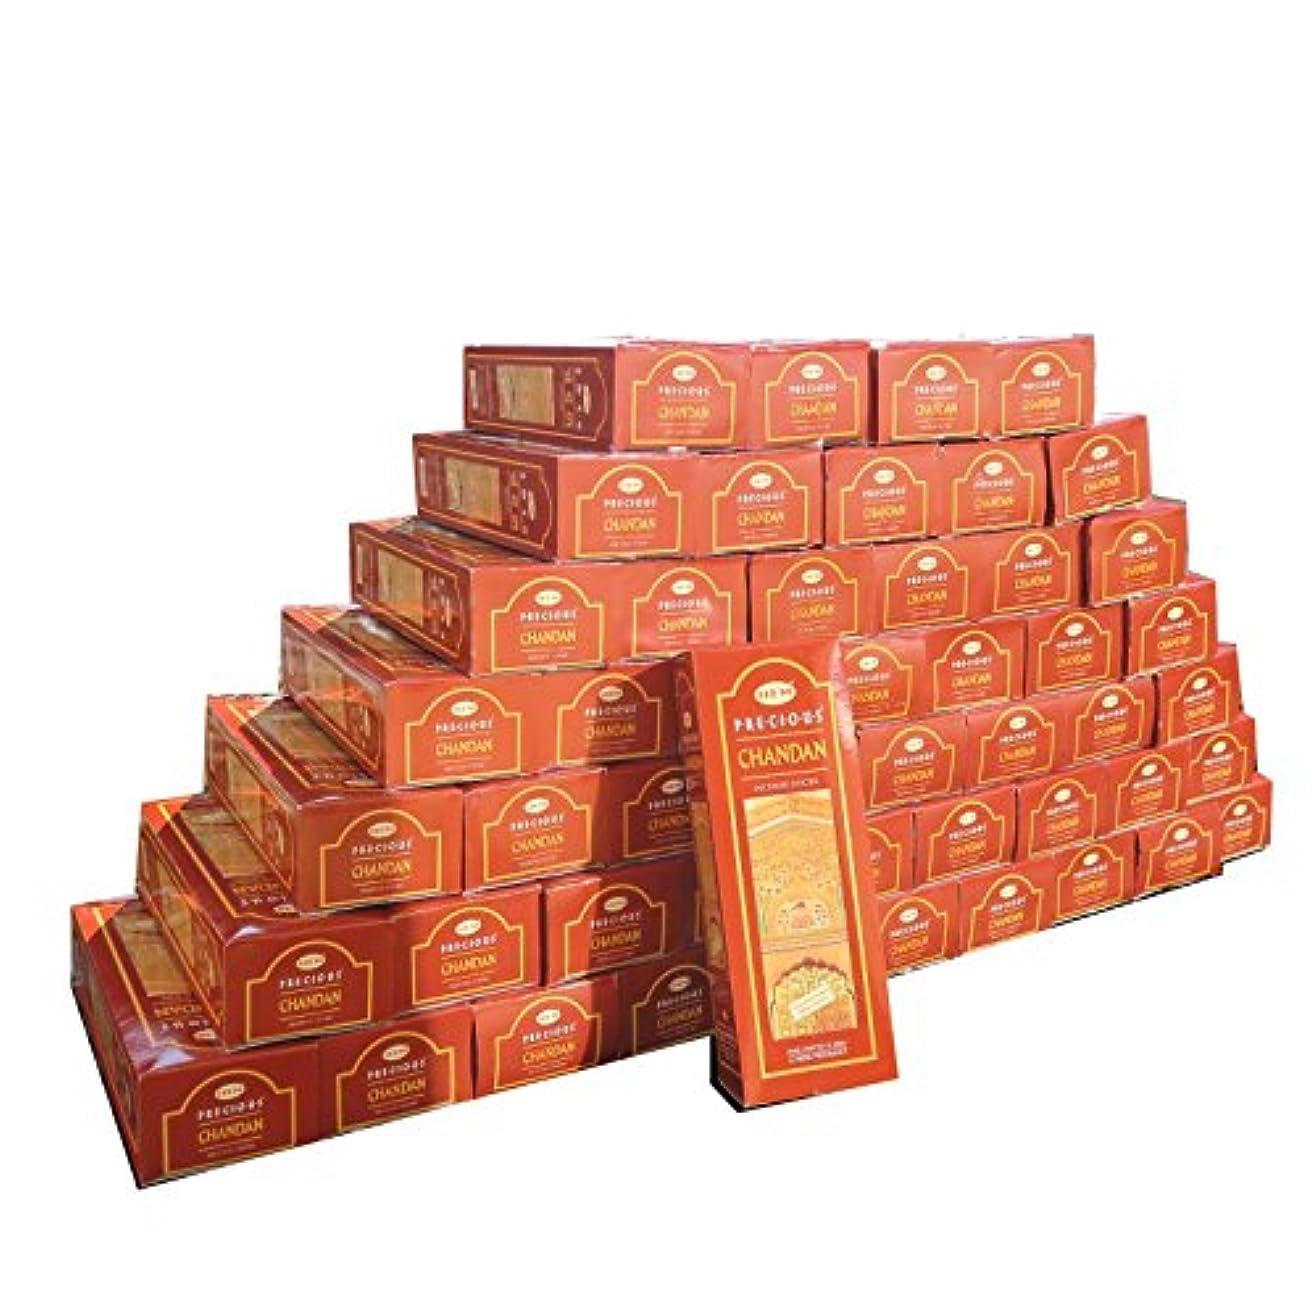 どれスパークすすり泣き業務用 インドスティック形お香 プレシャスチャンダン 300箱入り